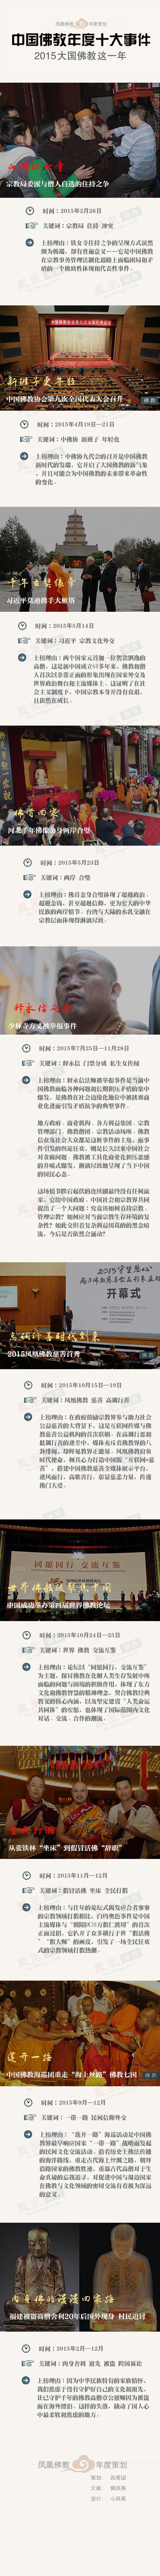 2015佛教年度事件